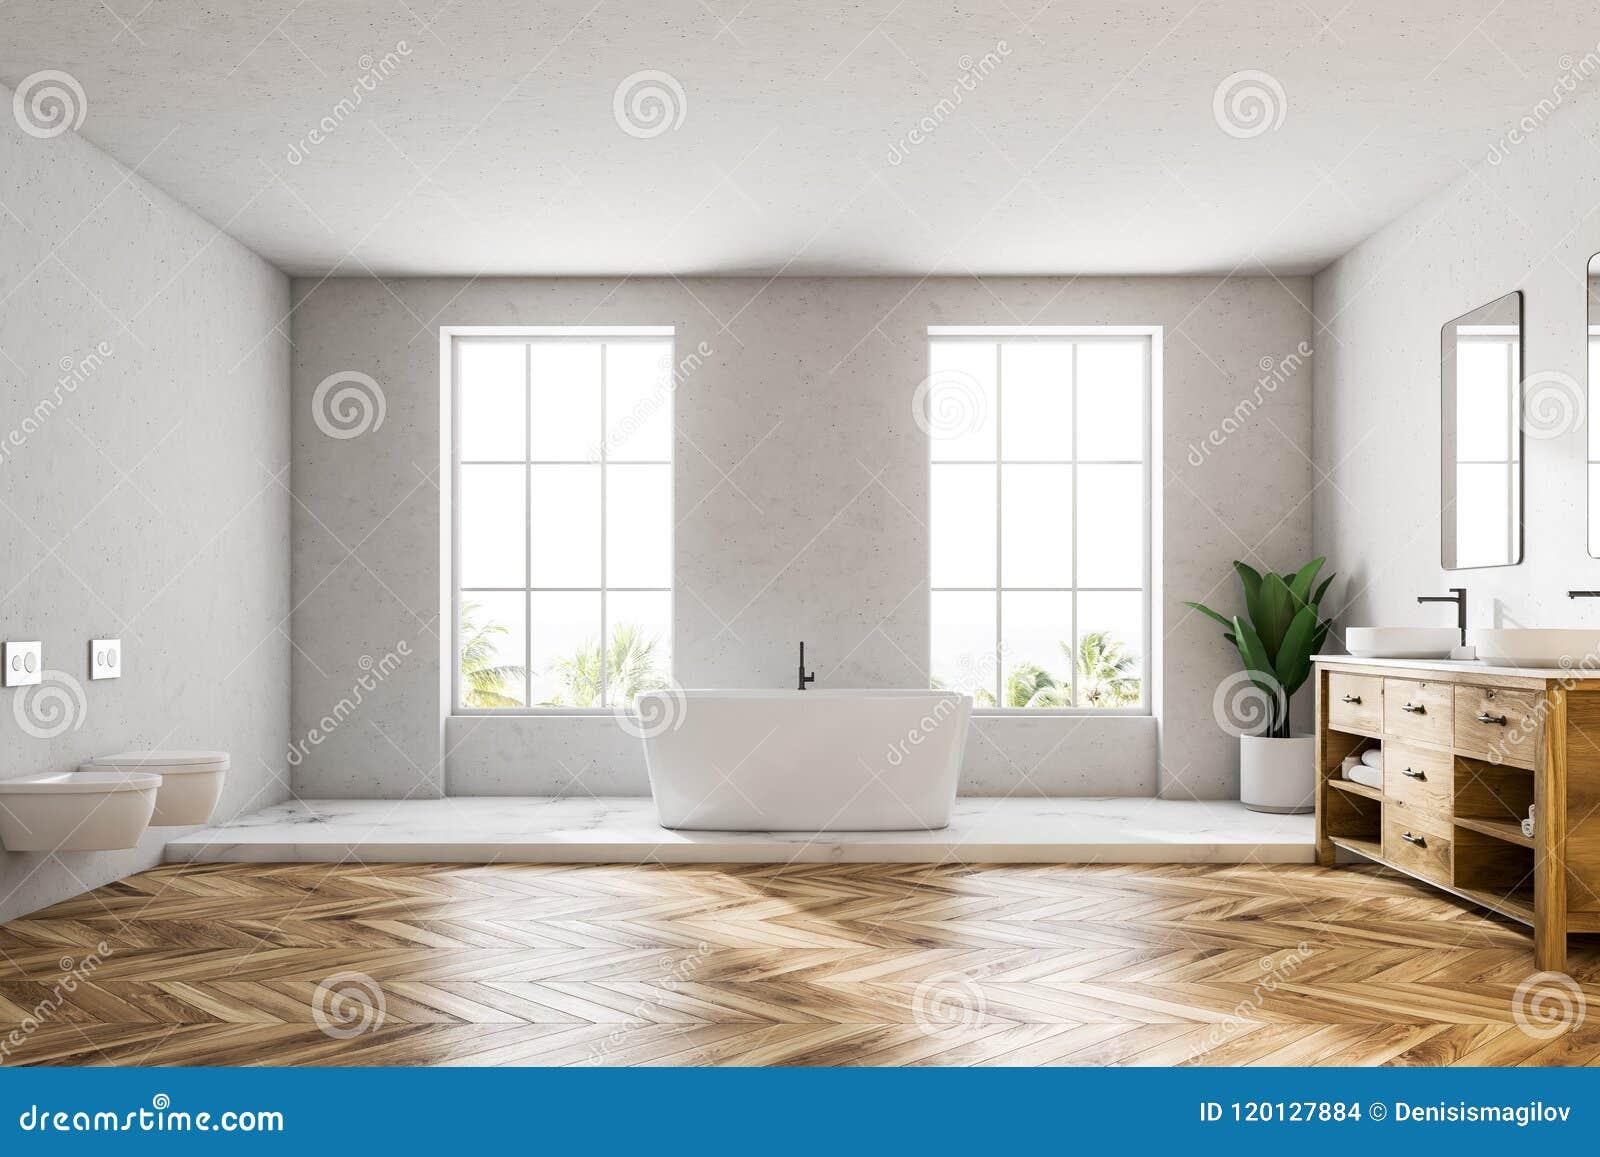 Tracez la salle de bains de luxe blanche intérieure, baquet blanc